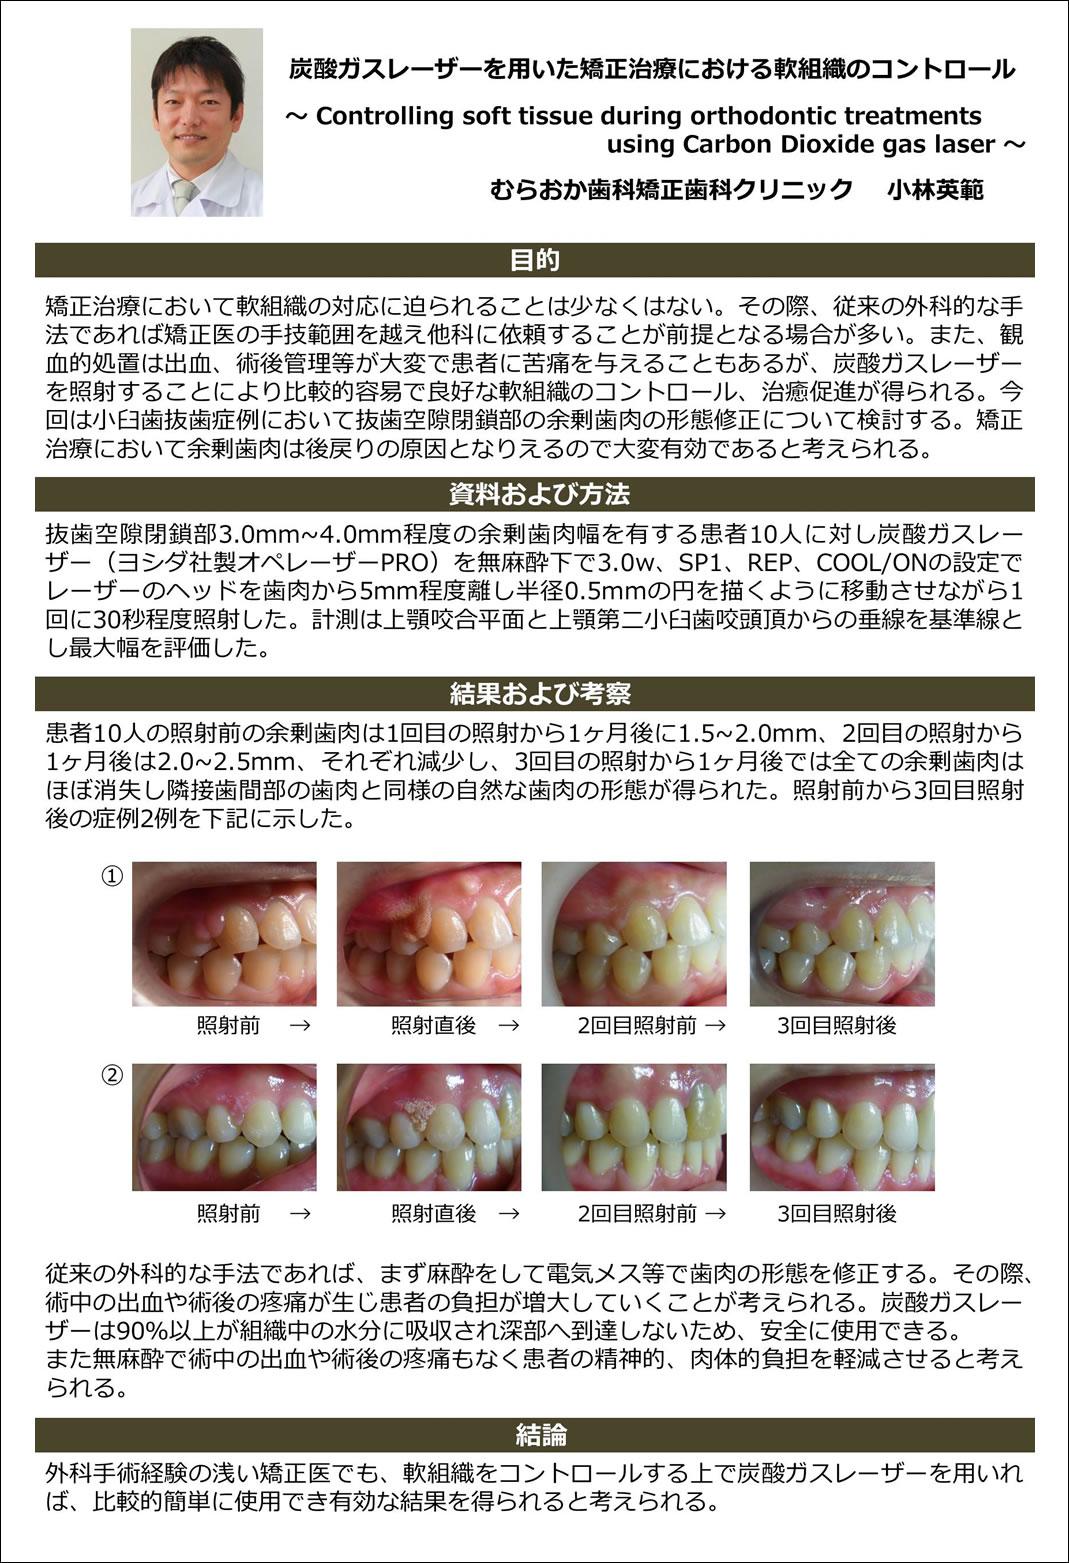 日本矯正歯科学会大会 ポスター